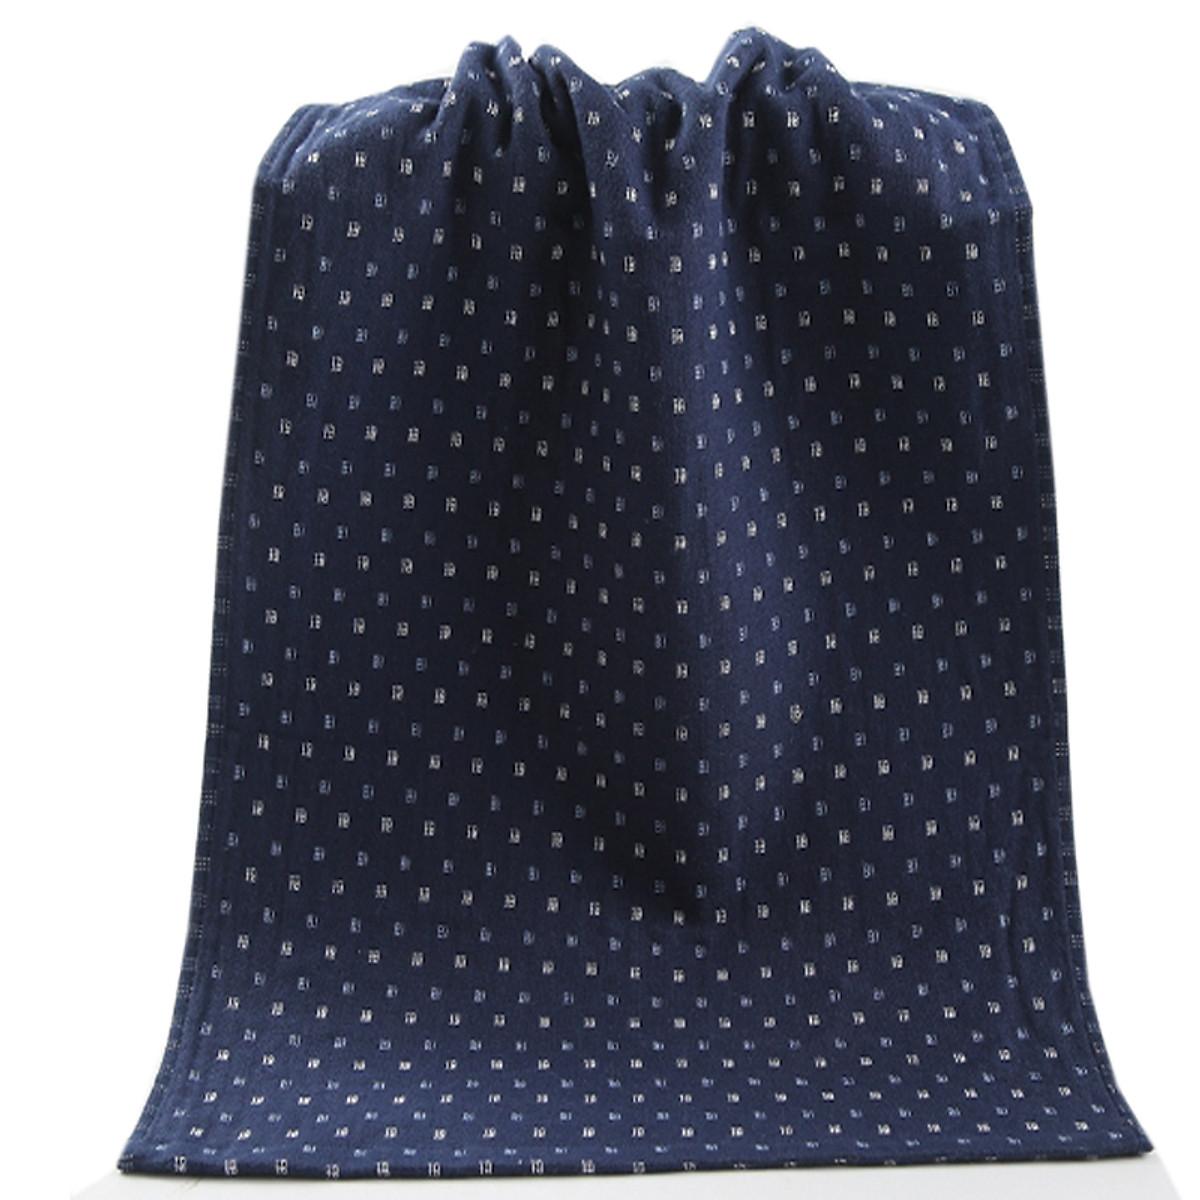 Khăn tắm trung siêu thắm nước bên long,bên vải cotton 34x74cm 100g - 138 12